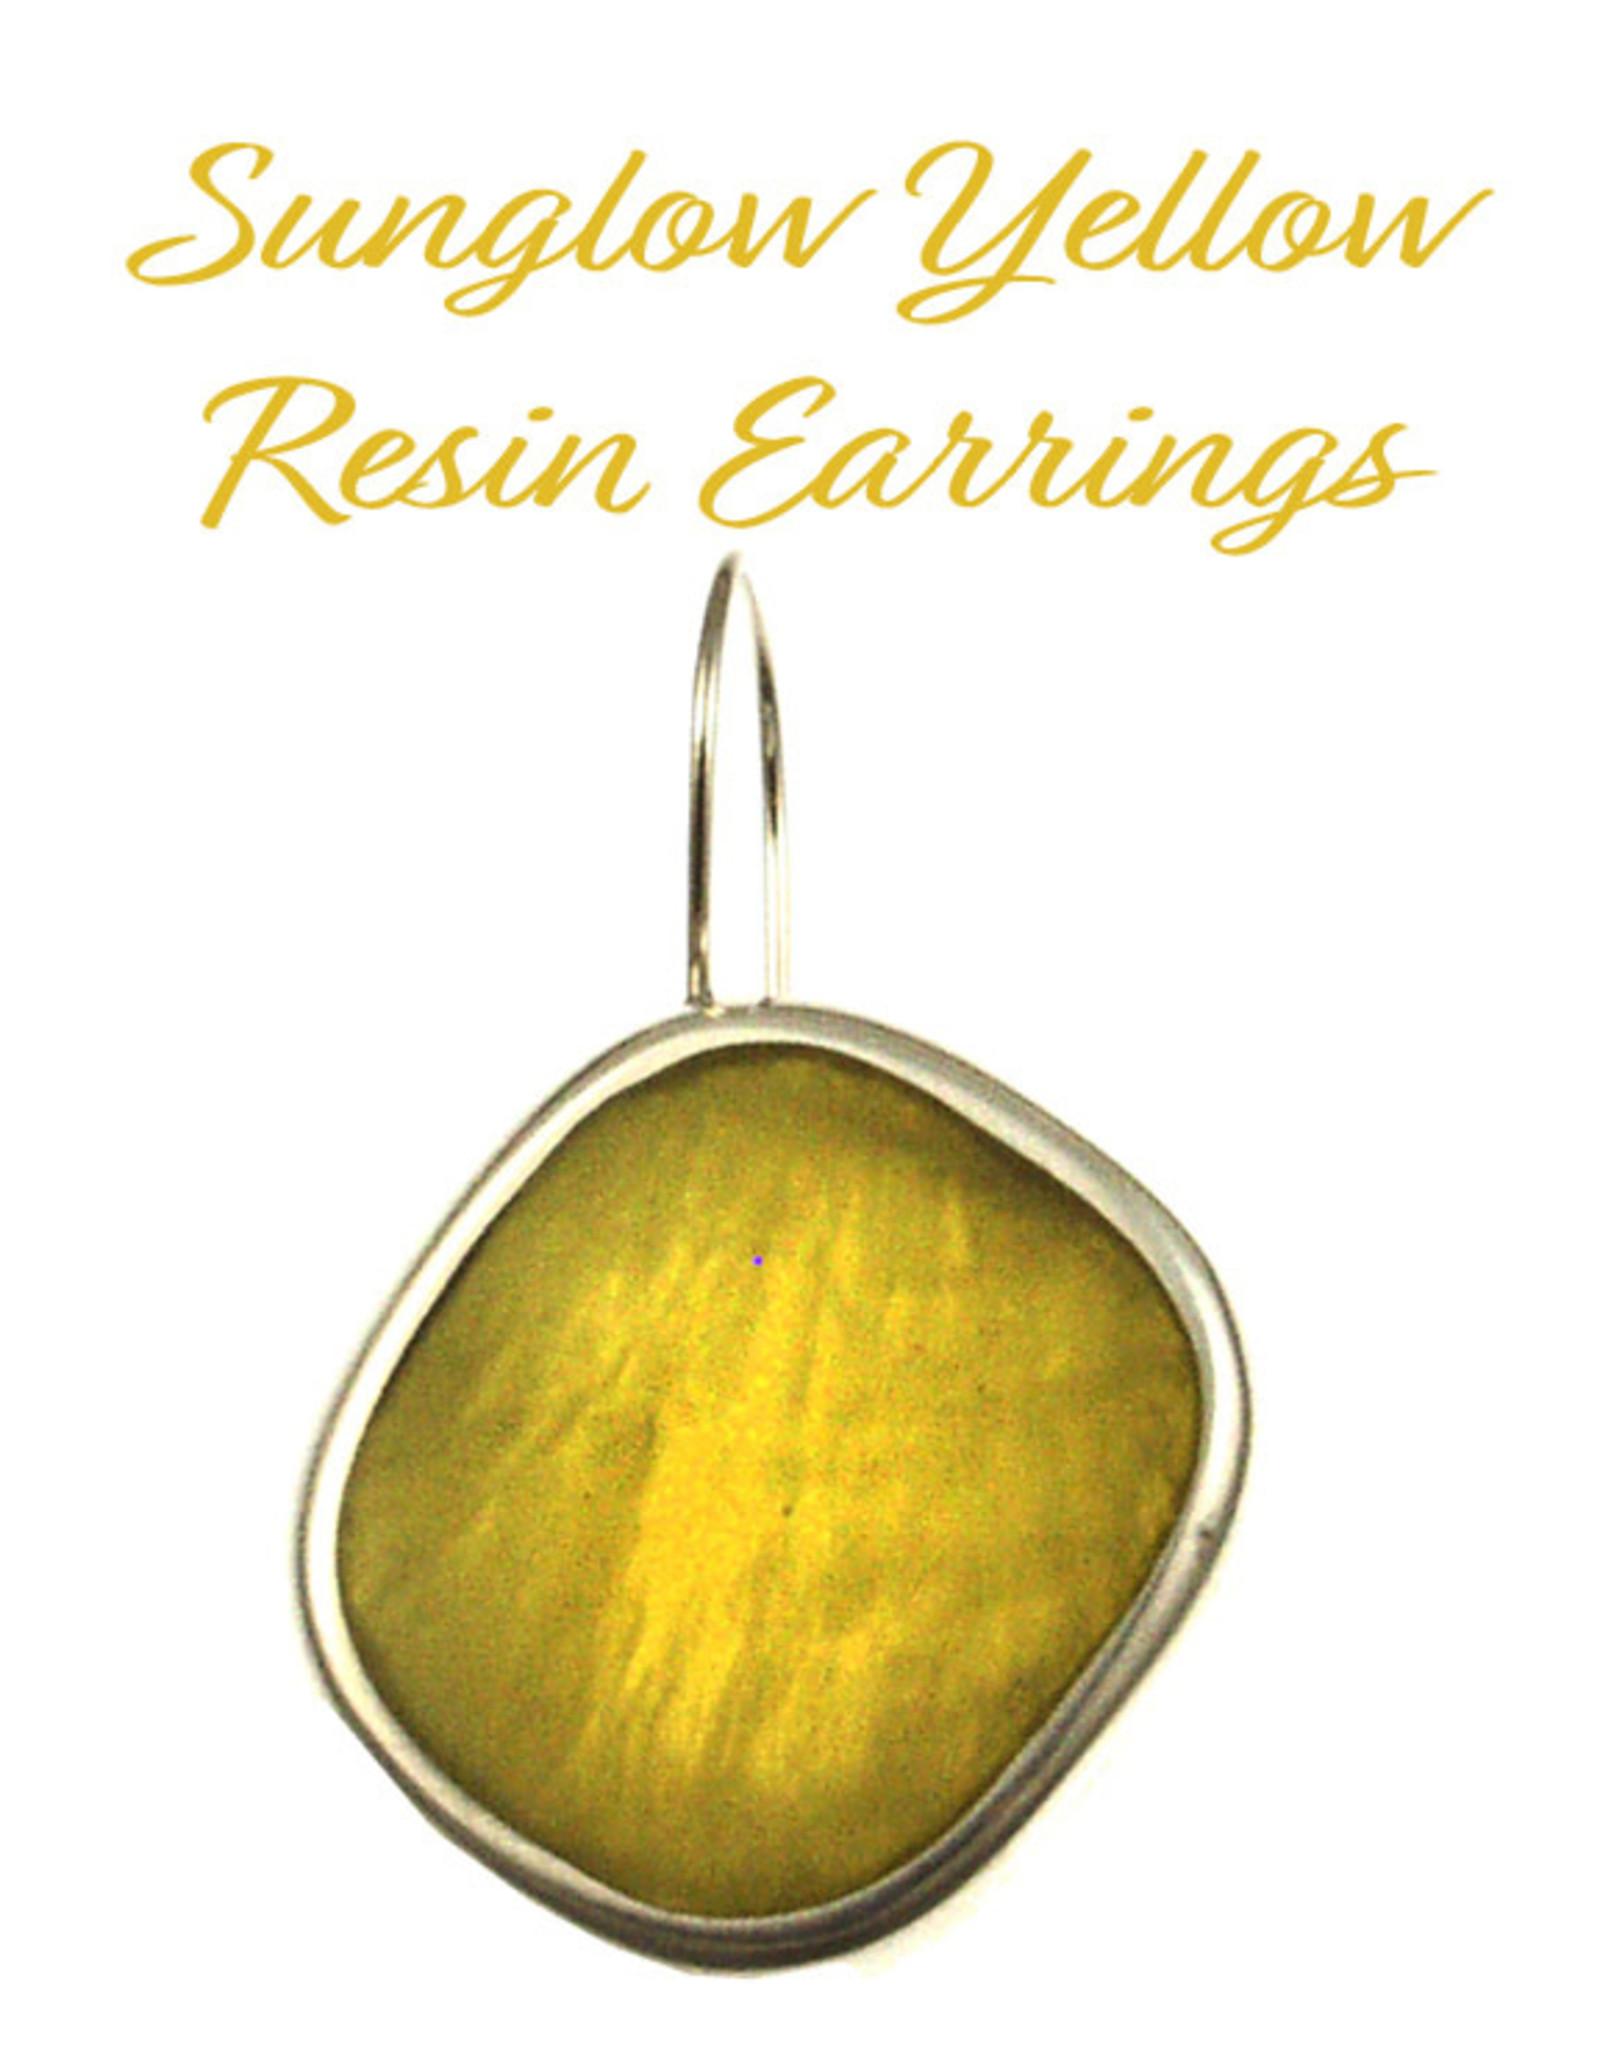 ORIGIN Sunglow Kidney Earring